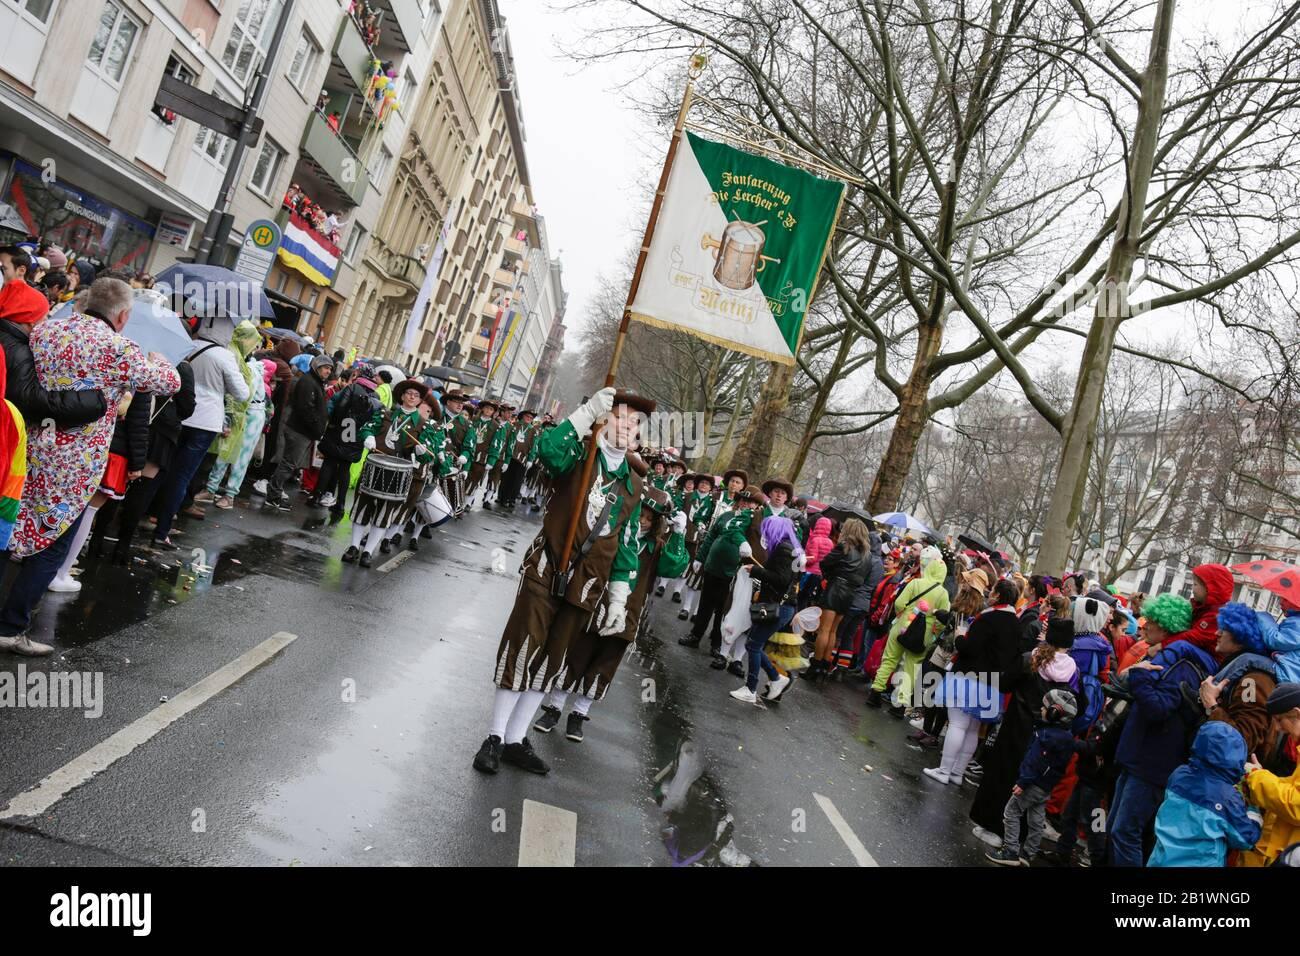 Magonza, Germania. 24th febbraio 2020. I membri del gruppo fanfare Fanfarenzug Die Lerchen Mainz marzo nella sfilata di lunedì delle rose di Mainz. Circa mezzo milione di persone hanno fiancheggiato le strade di Magonza per la tradizionale sfilata del Carnevale di Rose Monday. La lunga sfilata di 9 km con oltre 9.000 partecipanti è una delle tre grandi Sfilate del lunedì delle Rose in Germania. Foto Stock